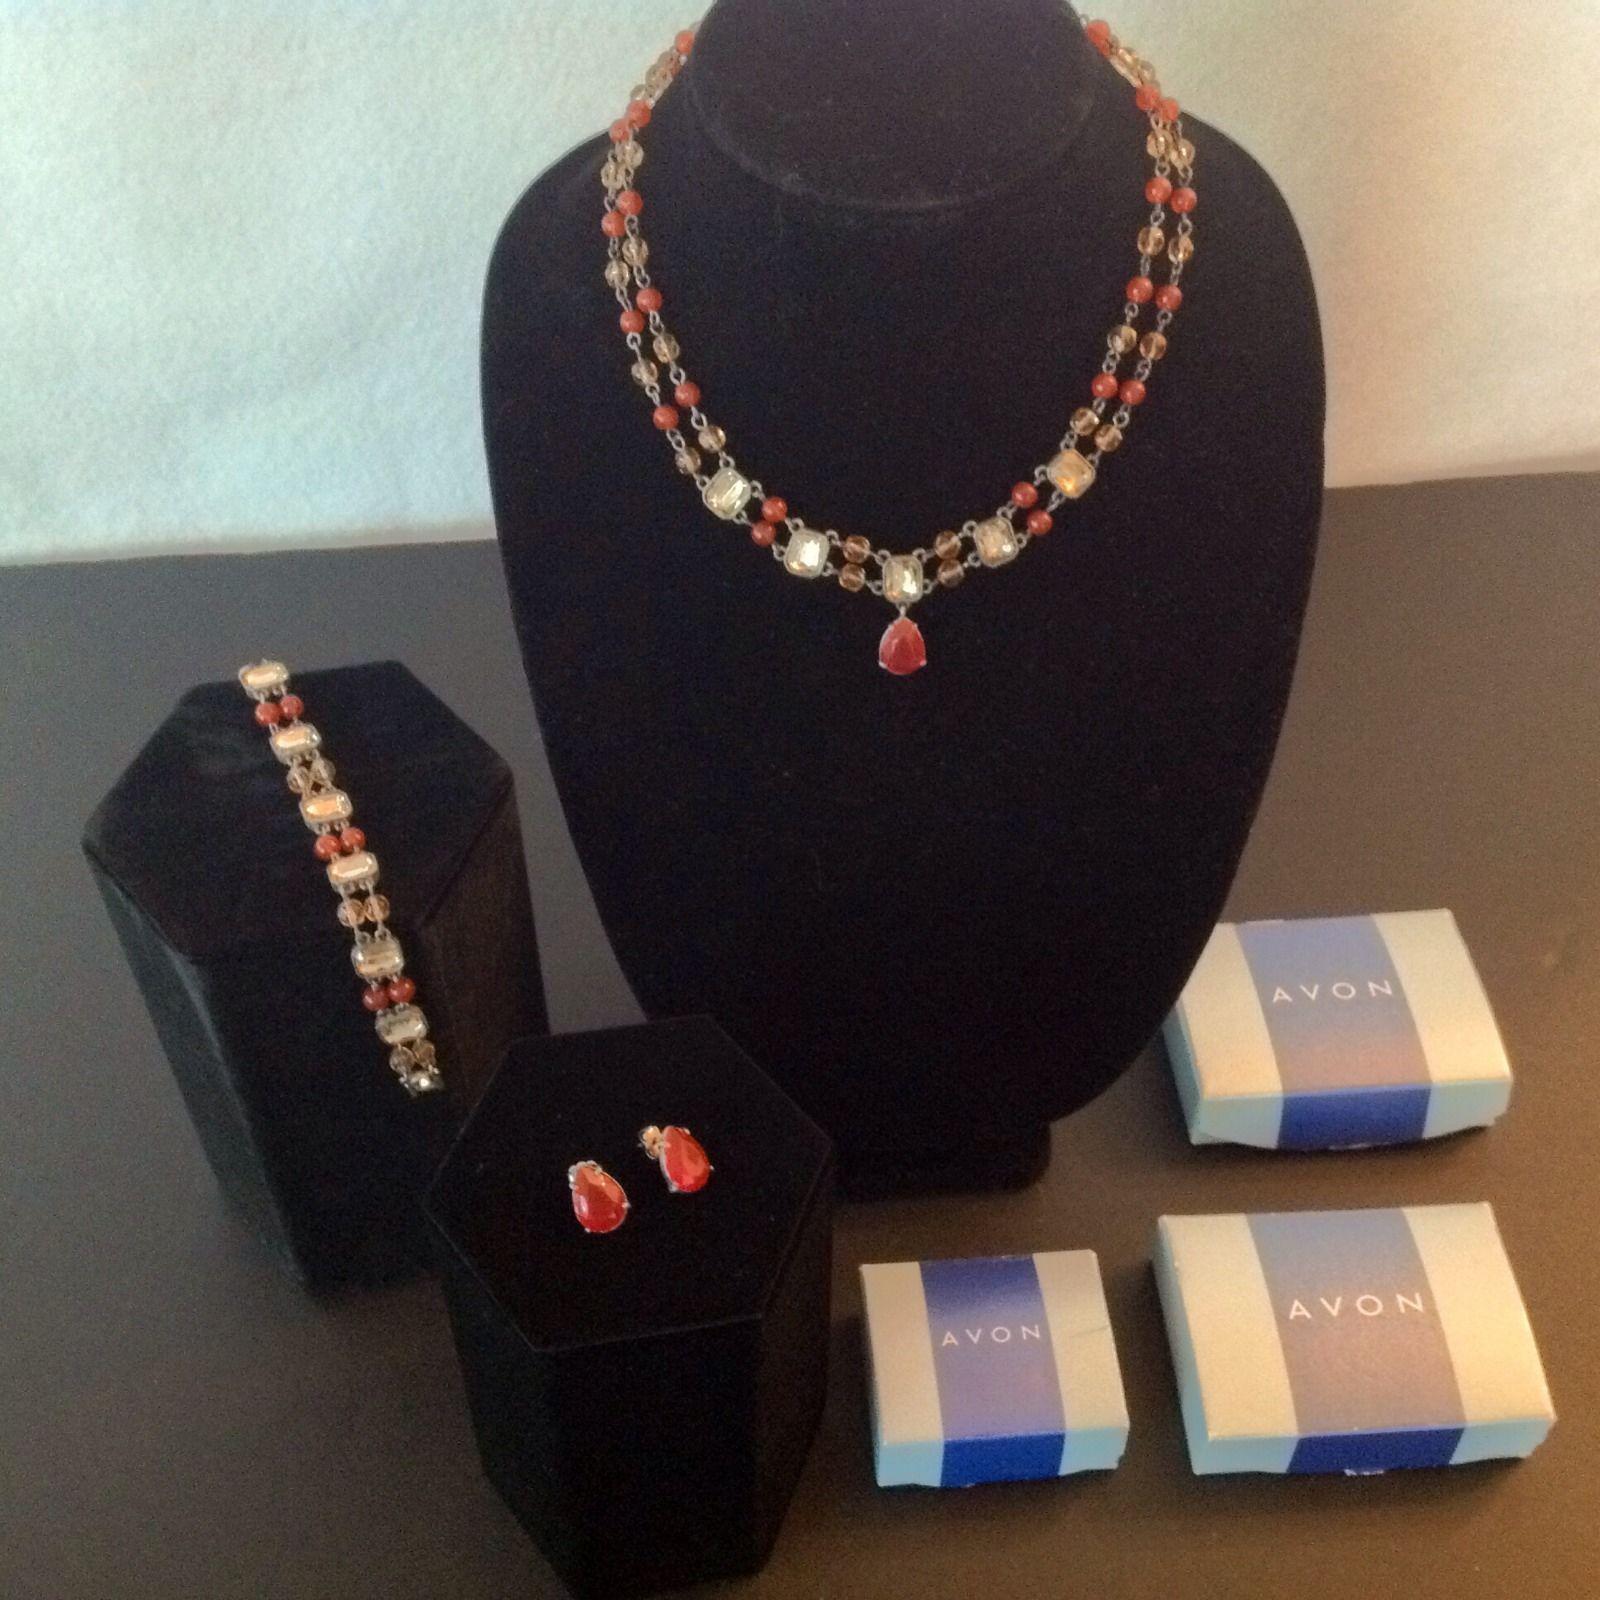 Avon Necklace Bracelet Earrings 3 Piece Set Signed Colored Stones 2002 Vintage